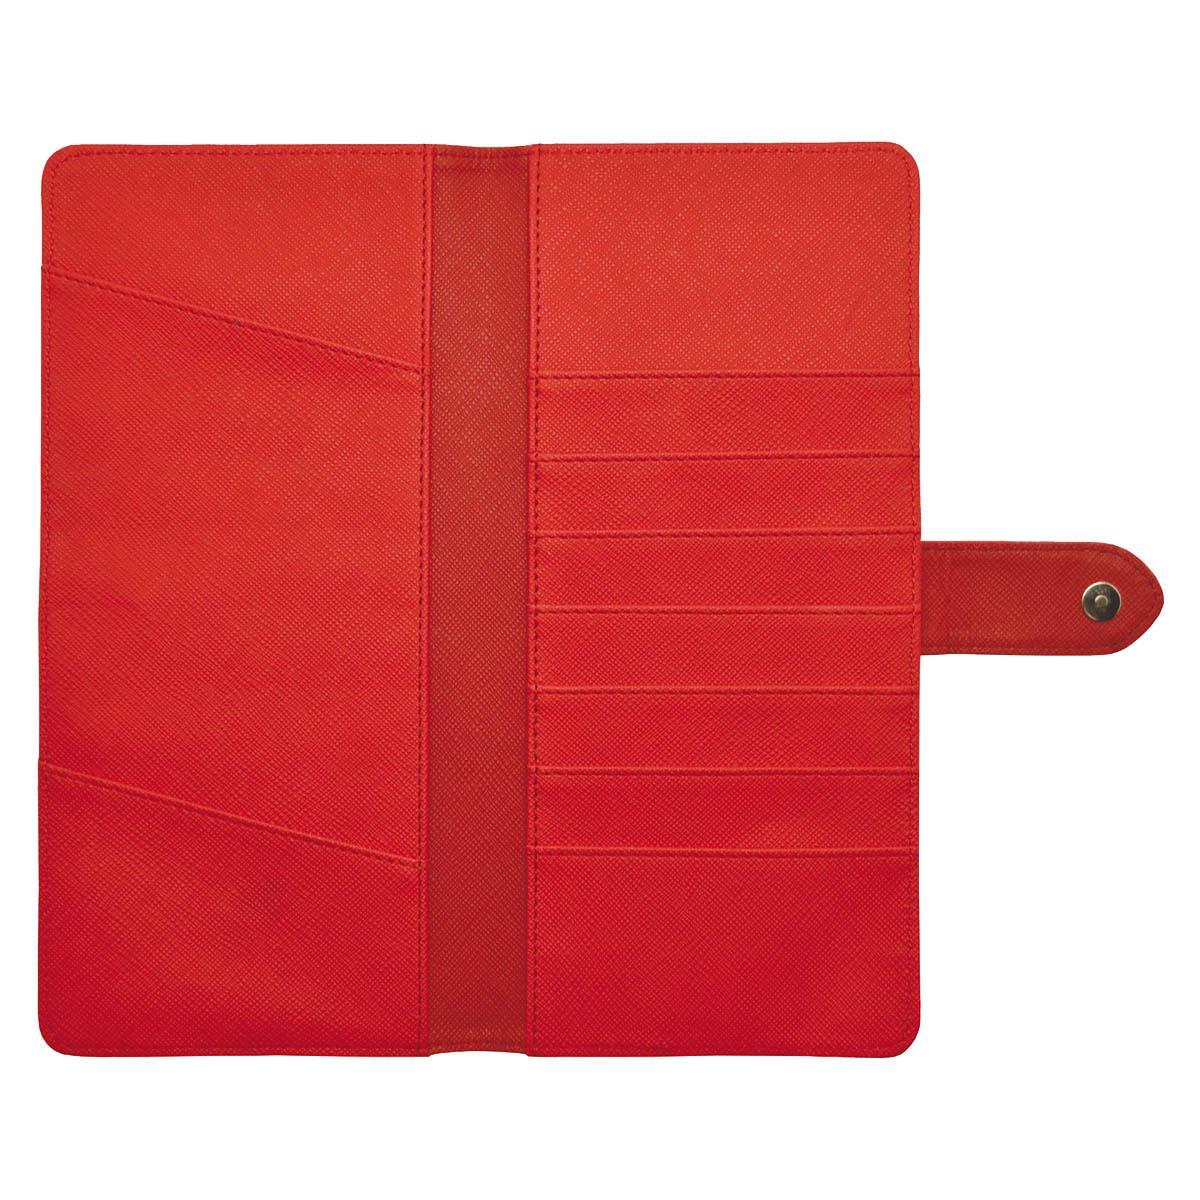 Futrola za Dokumenta TRAVEL ORGANIZER RED